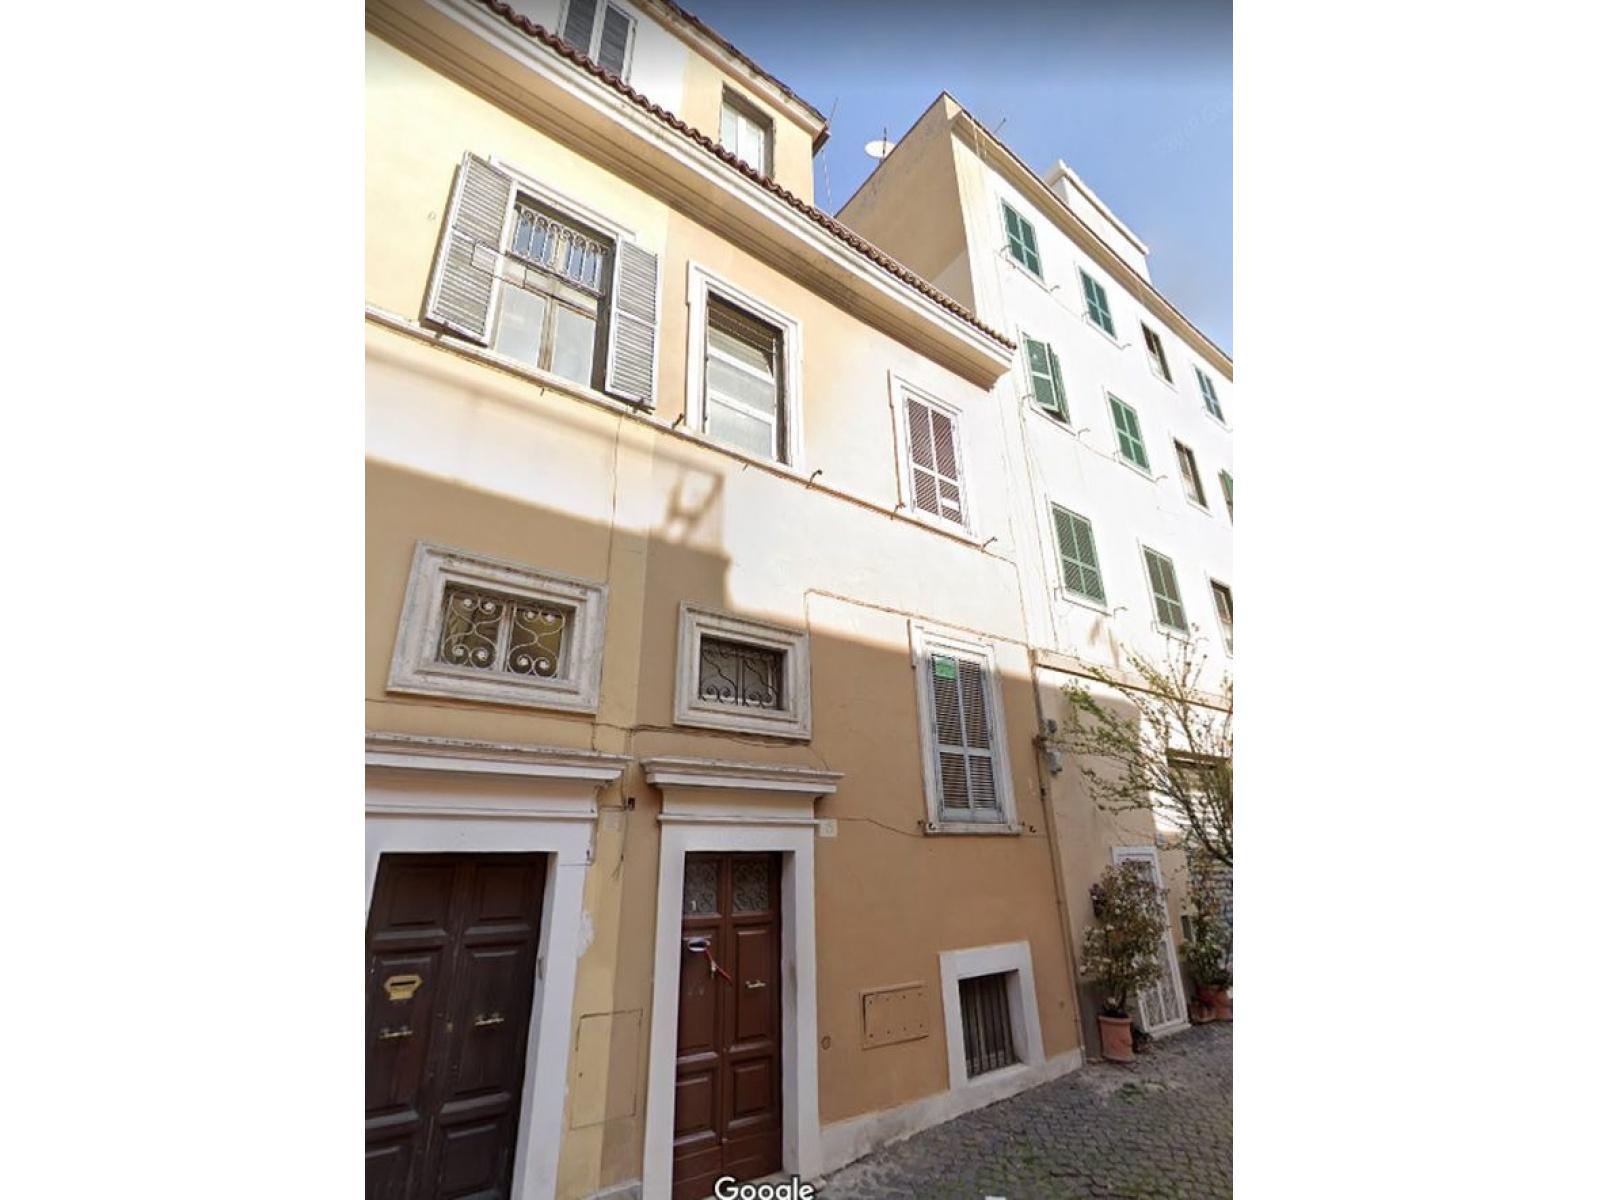 1118416594 Pentalocale in Via Achille Grandi, Roma, Zona Esquilino